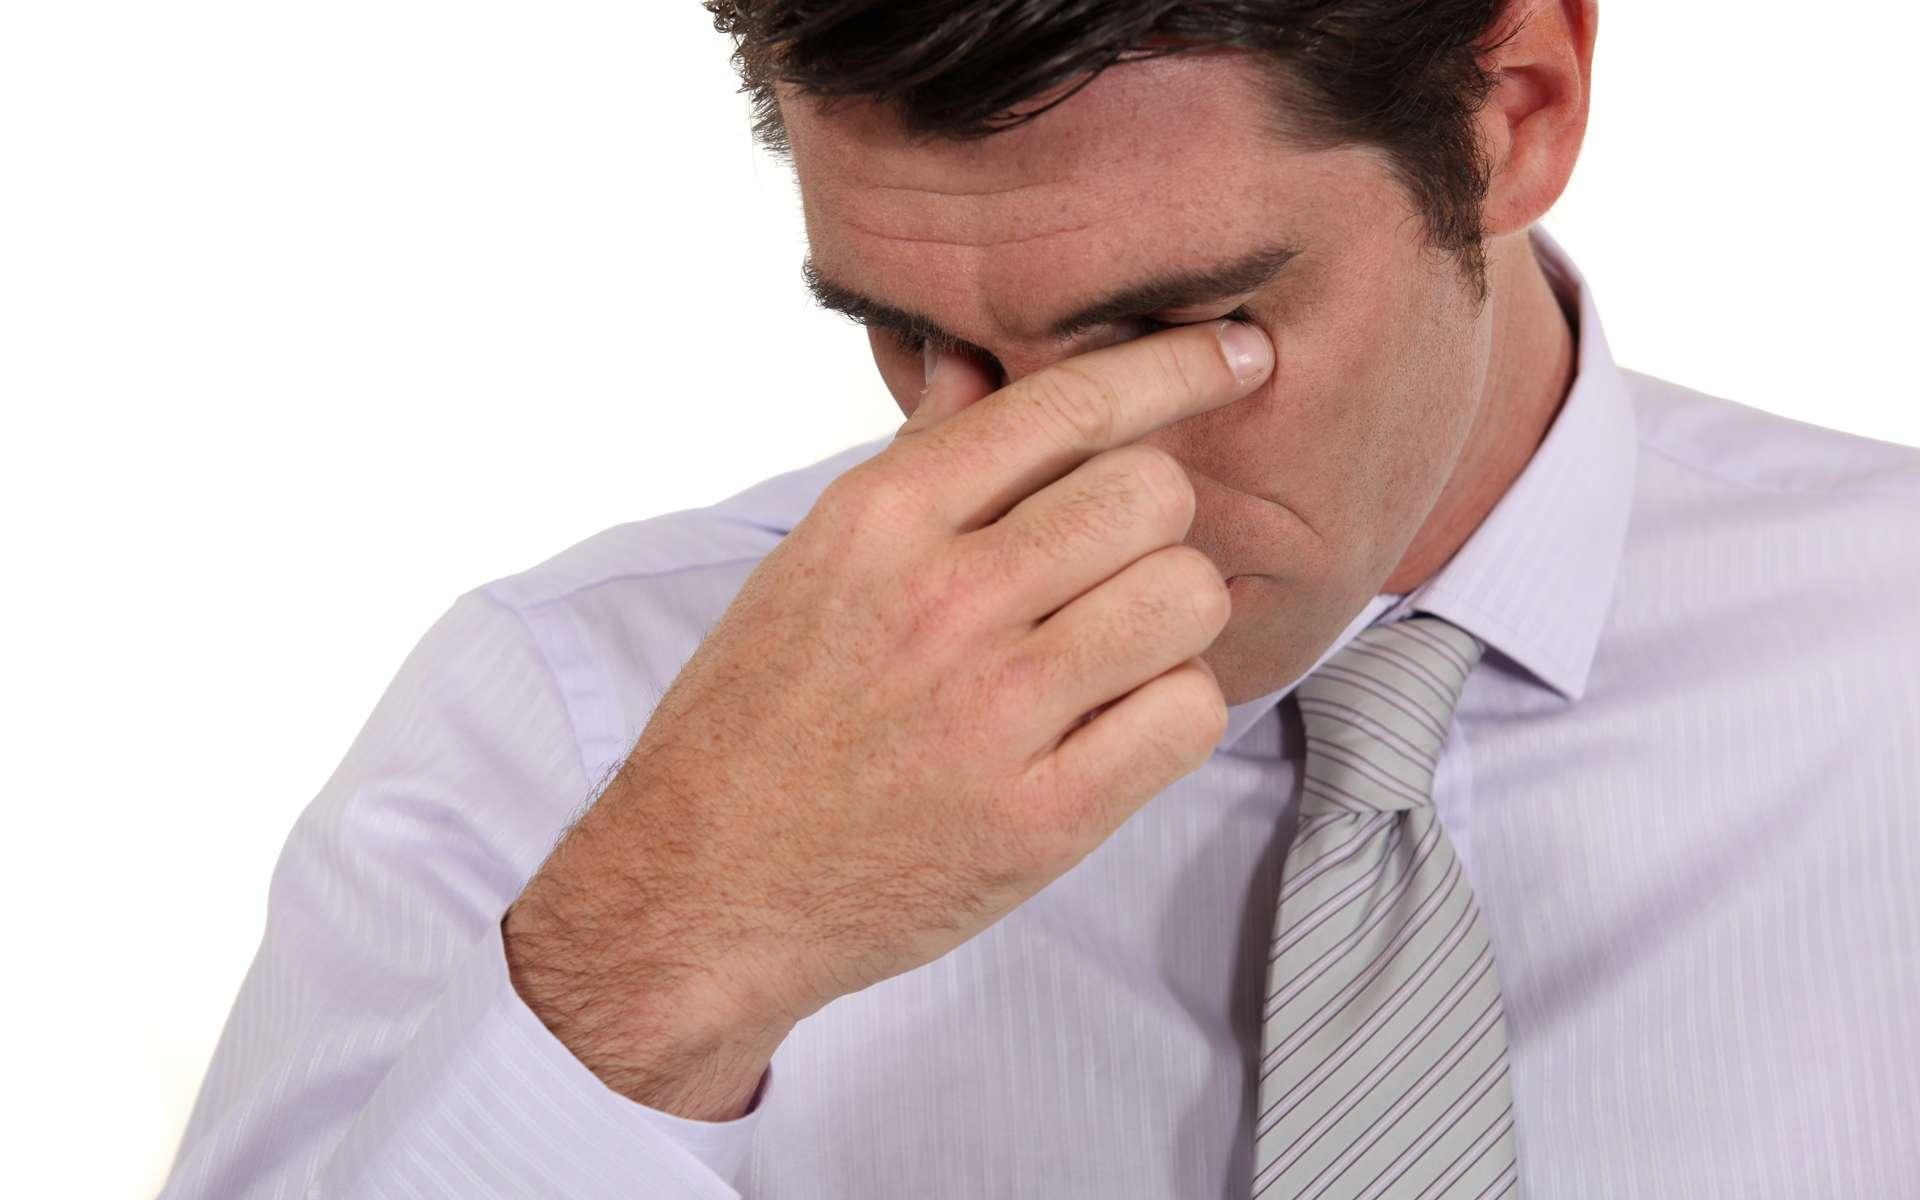 Les symptômes du syndrome post-éjaculatoire (SMPE) surviennent en moyenne entre 30 et 60 minutes après l'éjaculation. Ils seraient liés à une allergie au sperme. © Phovoir